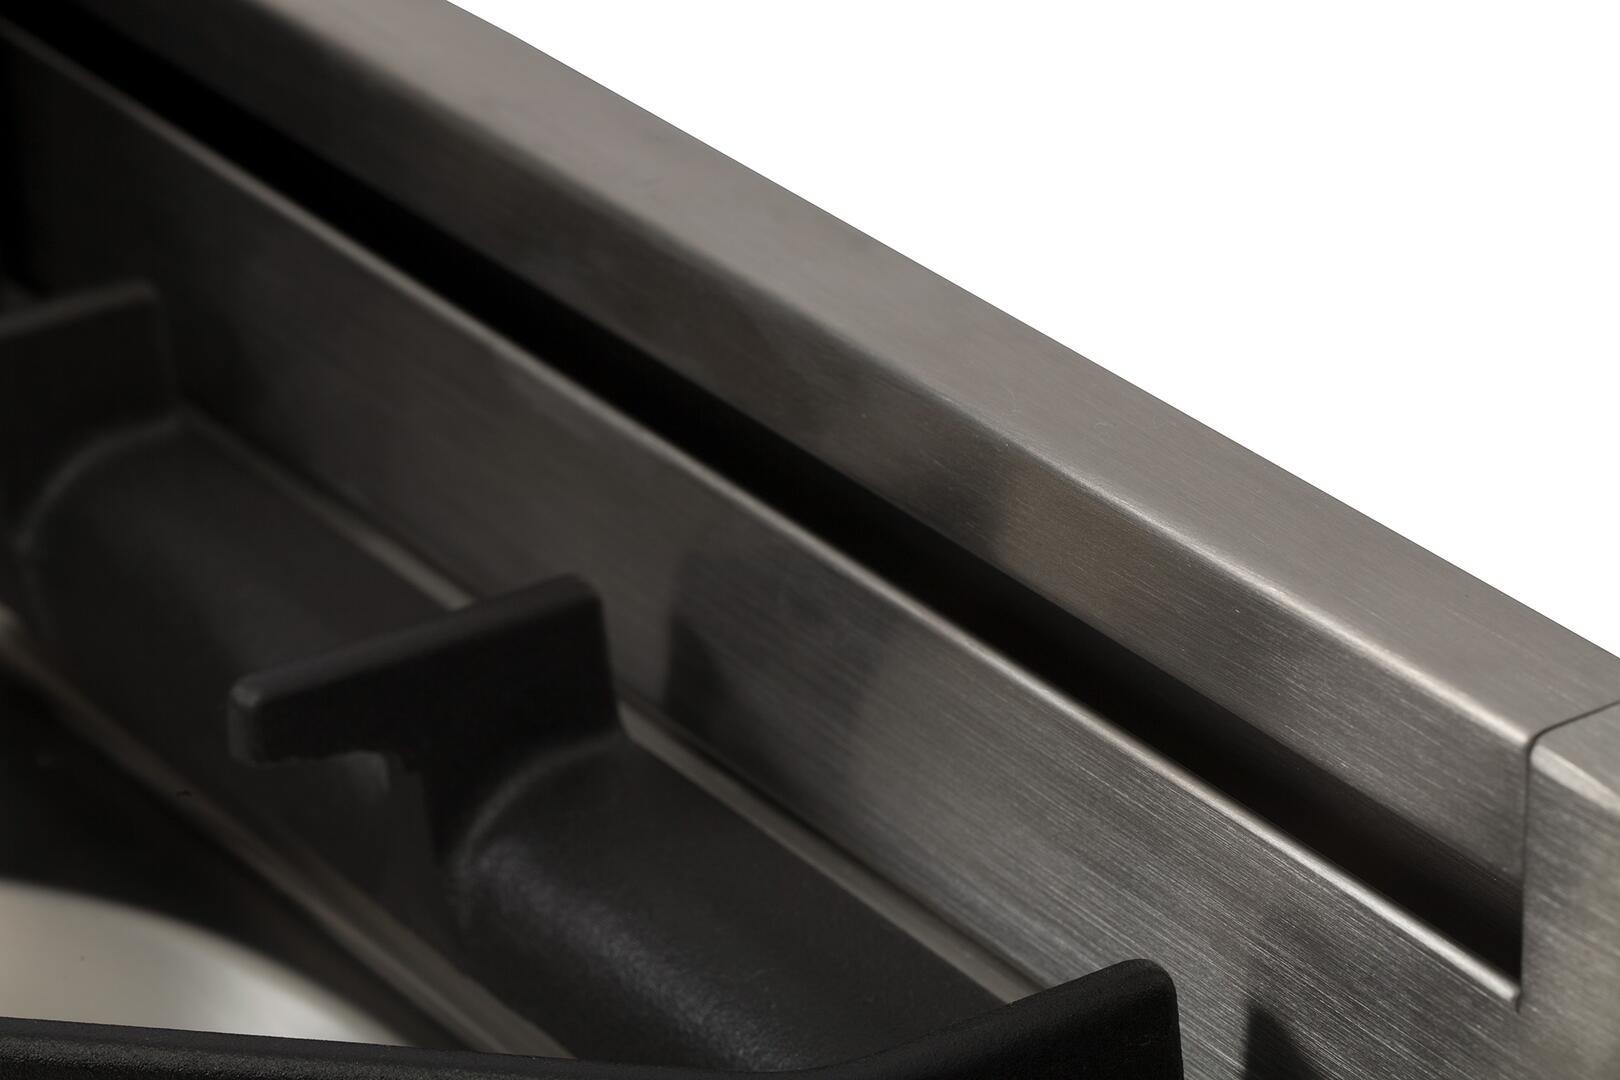 Ilve Nostalgie UPN90FDMPBL Freestanding Dual Fuel Range Blue, Backguard